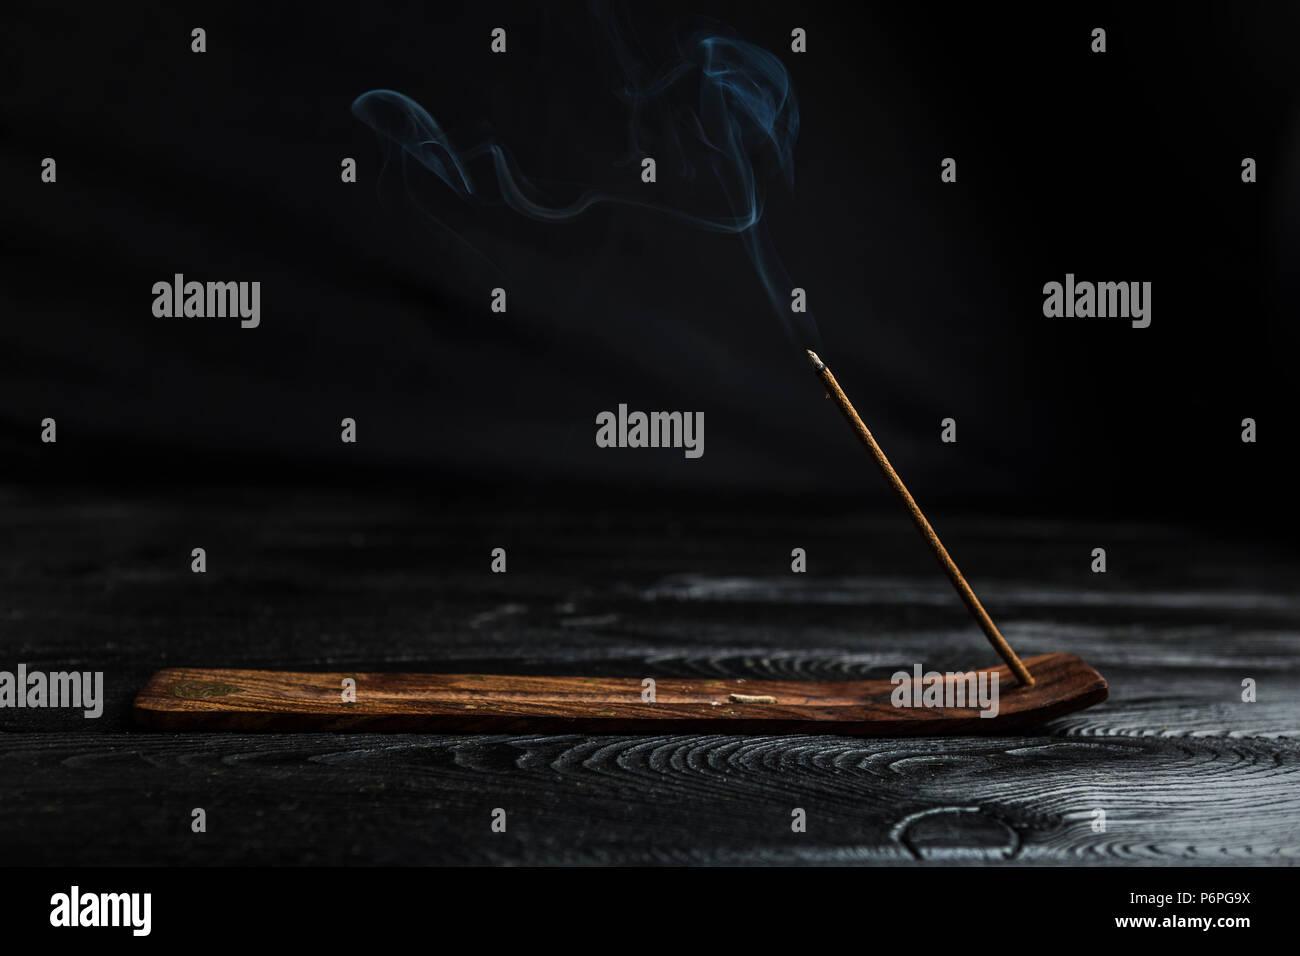 Aromatische stick Schwelende und strahlt eine Menge Rauch. Stockfoto